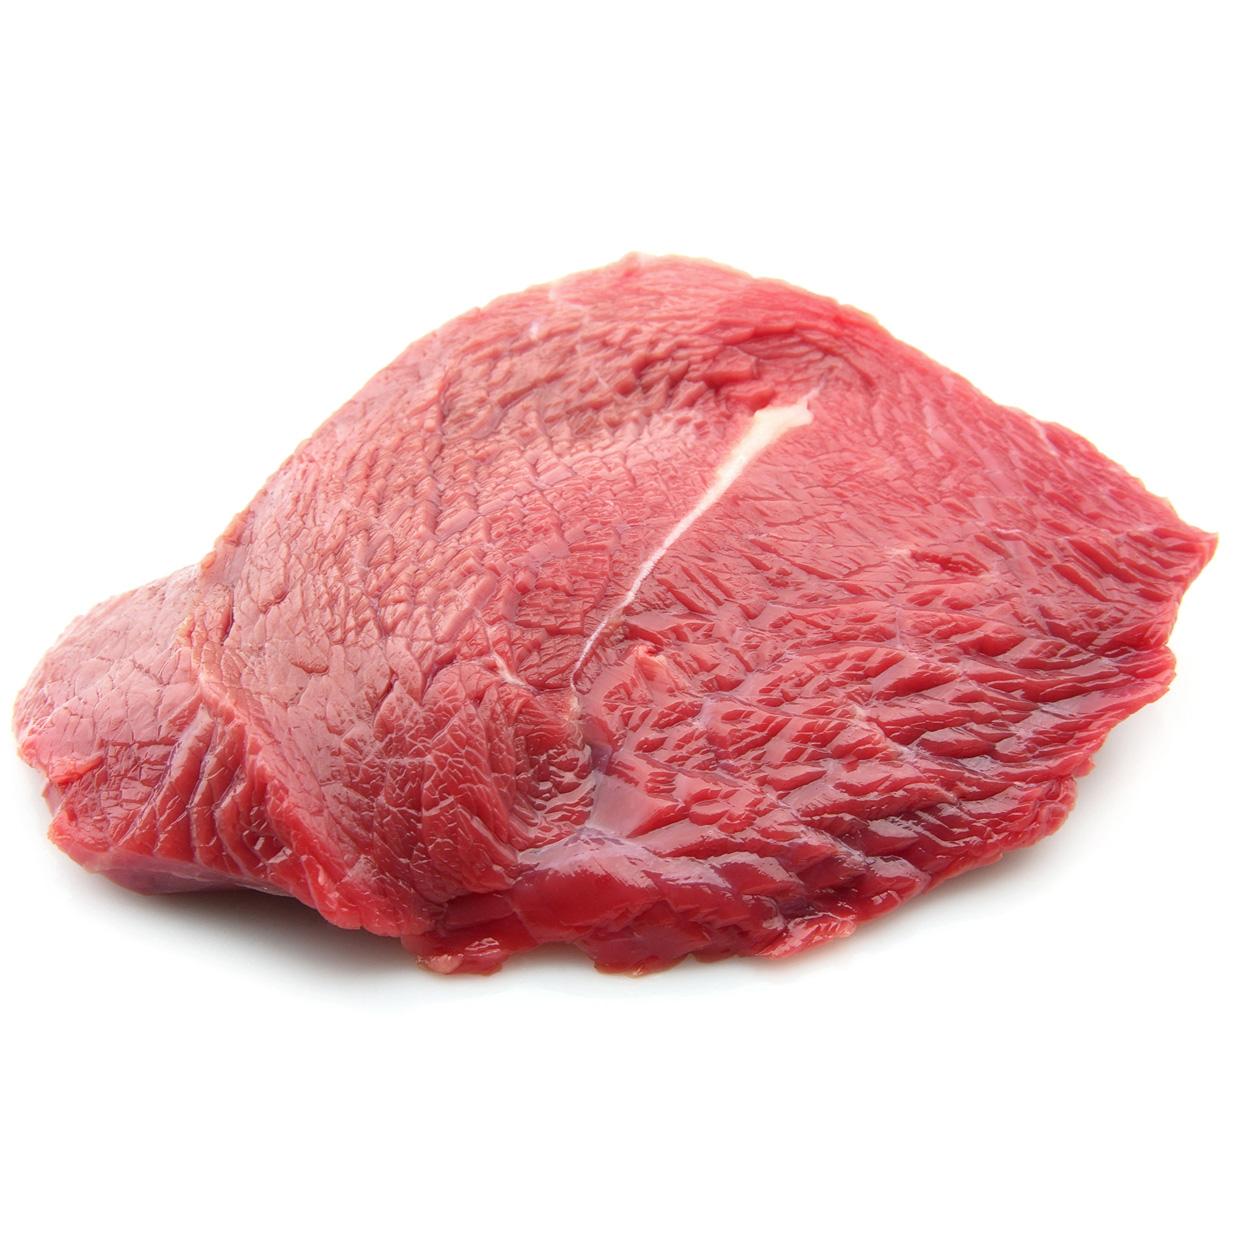 2e06d5f50c4 boucherie halal angers livraisons colis viandes boeuf